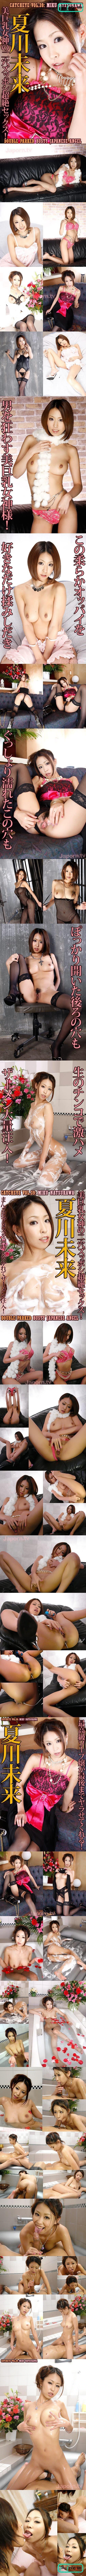 [DRC 039] CATCHEYE Vol.39 : Miku Natsukawa 夏川未来 Miku Natsukawa DRC